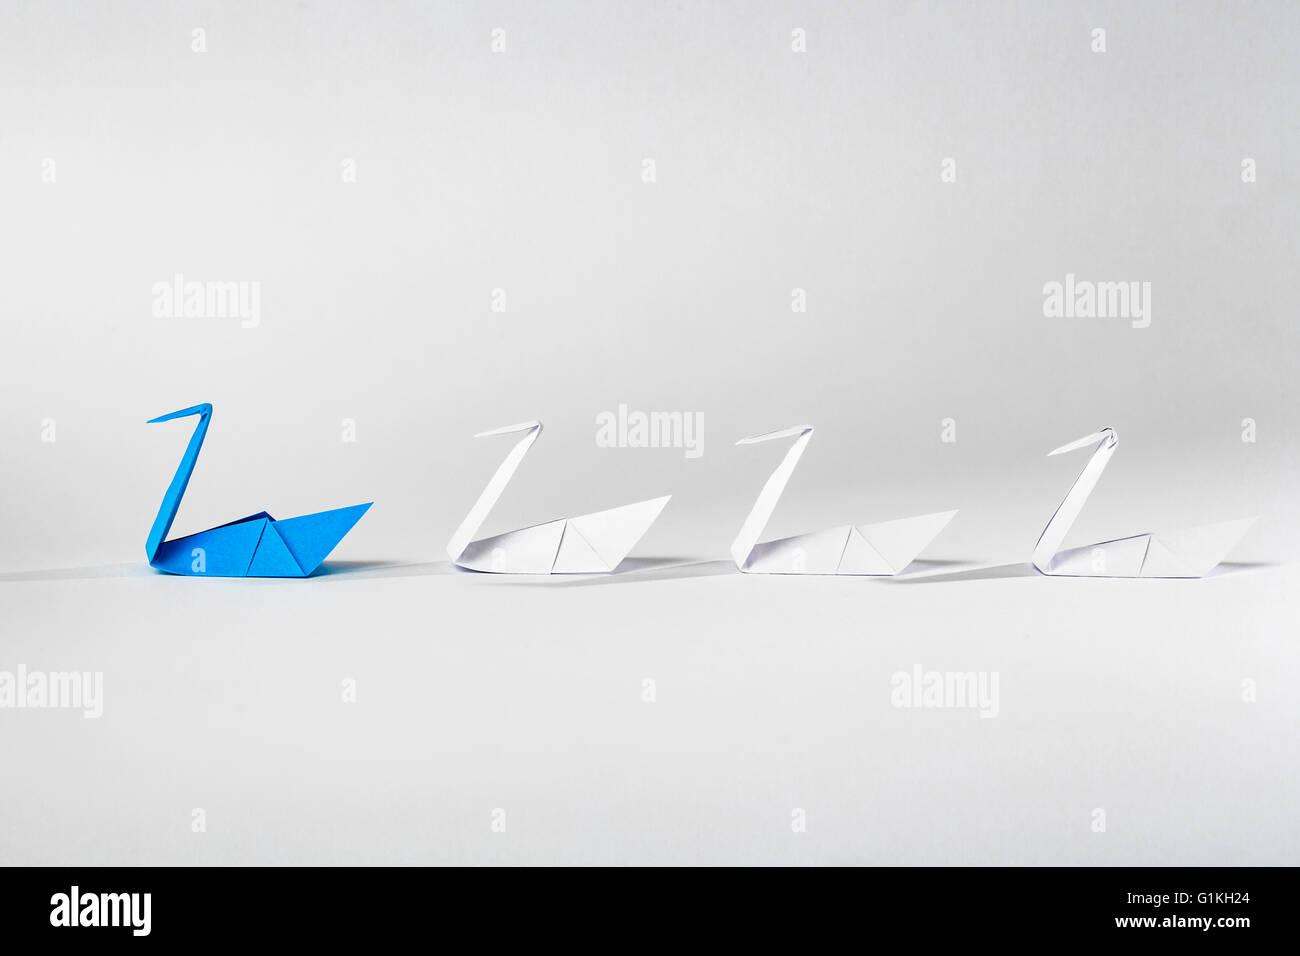 Il concetto di Leadership con carta origami bird leader tra il bianco. Immagini Stock